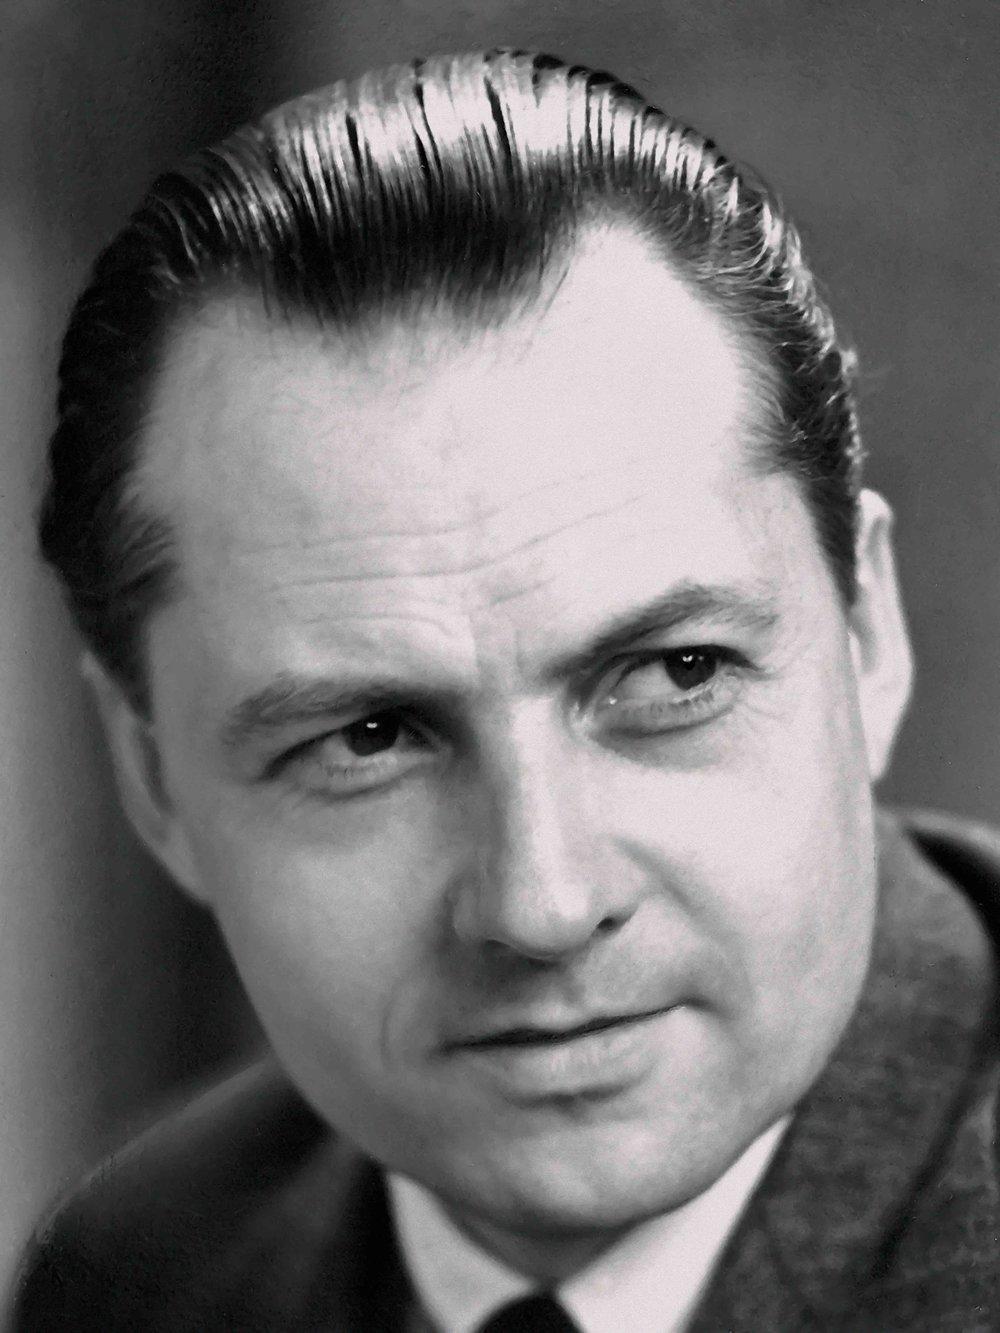 Vilhelm Lauritzen - 1902 - 1982